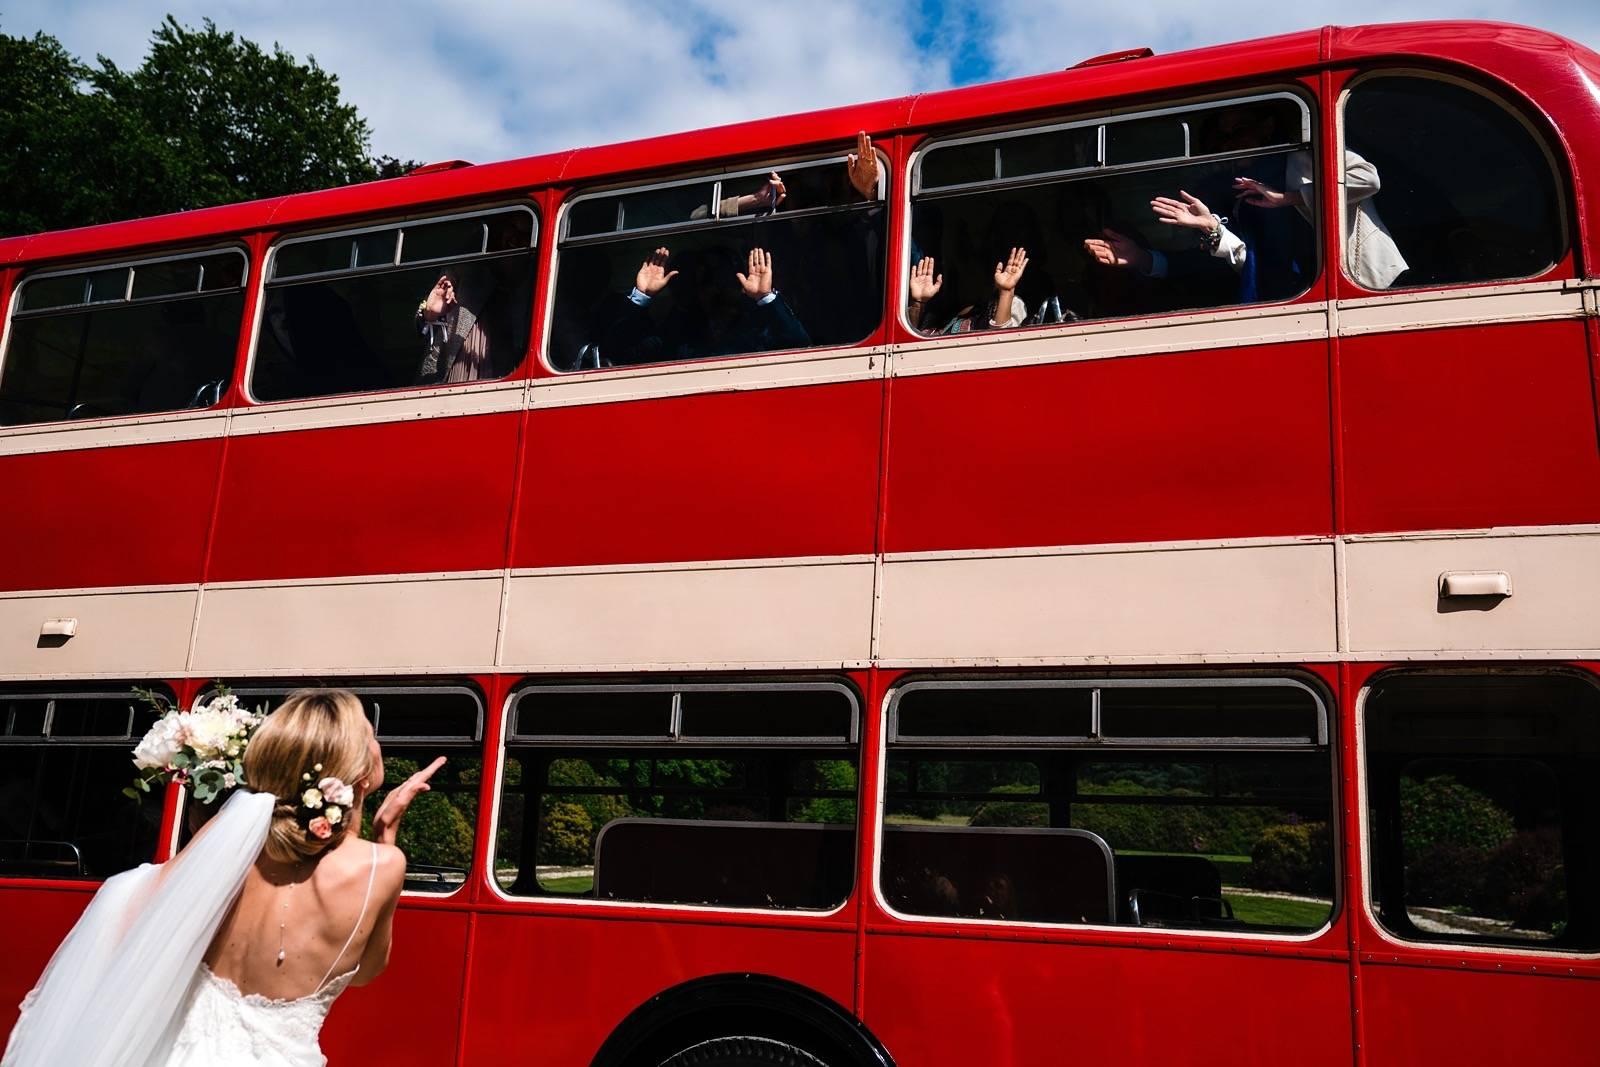 Yves Schepers Photography - Fotograaf - Huwelijksfotograaf - Trouwfotograaf - Bruidsfotograaf - House of Weddings - 34